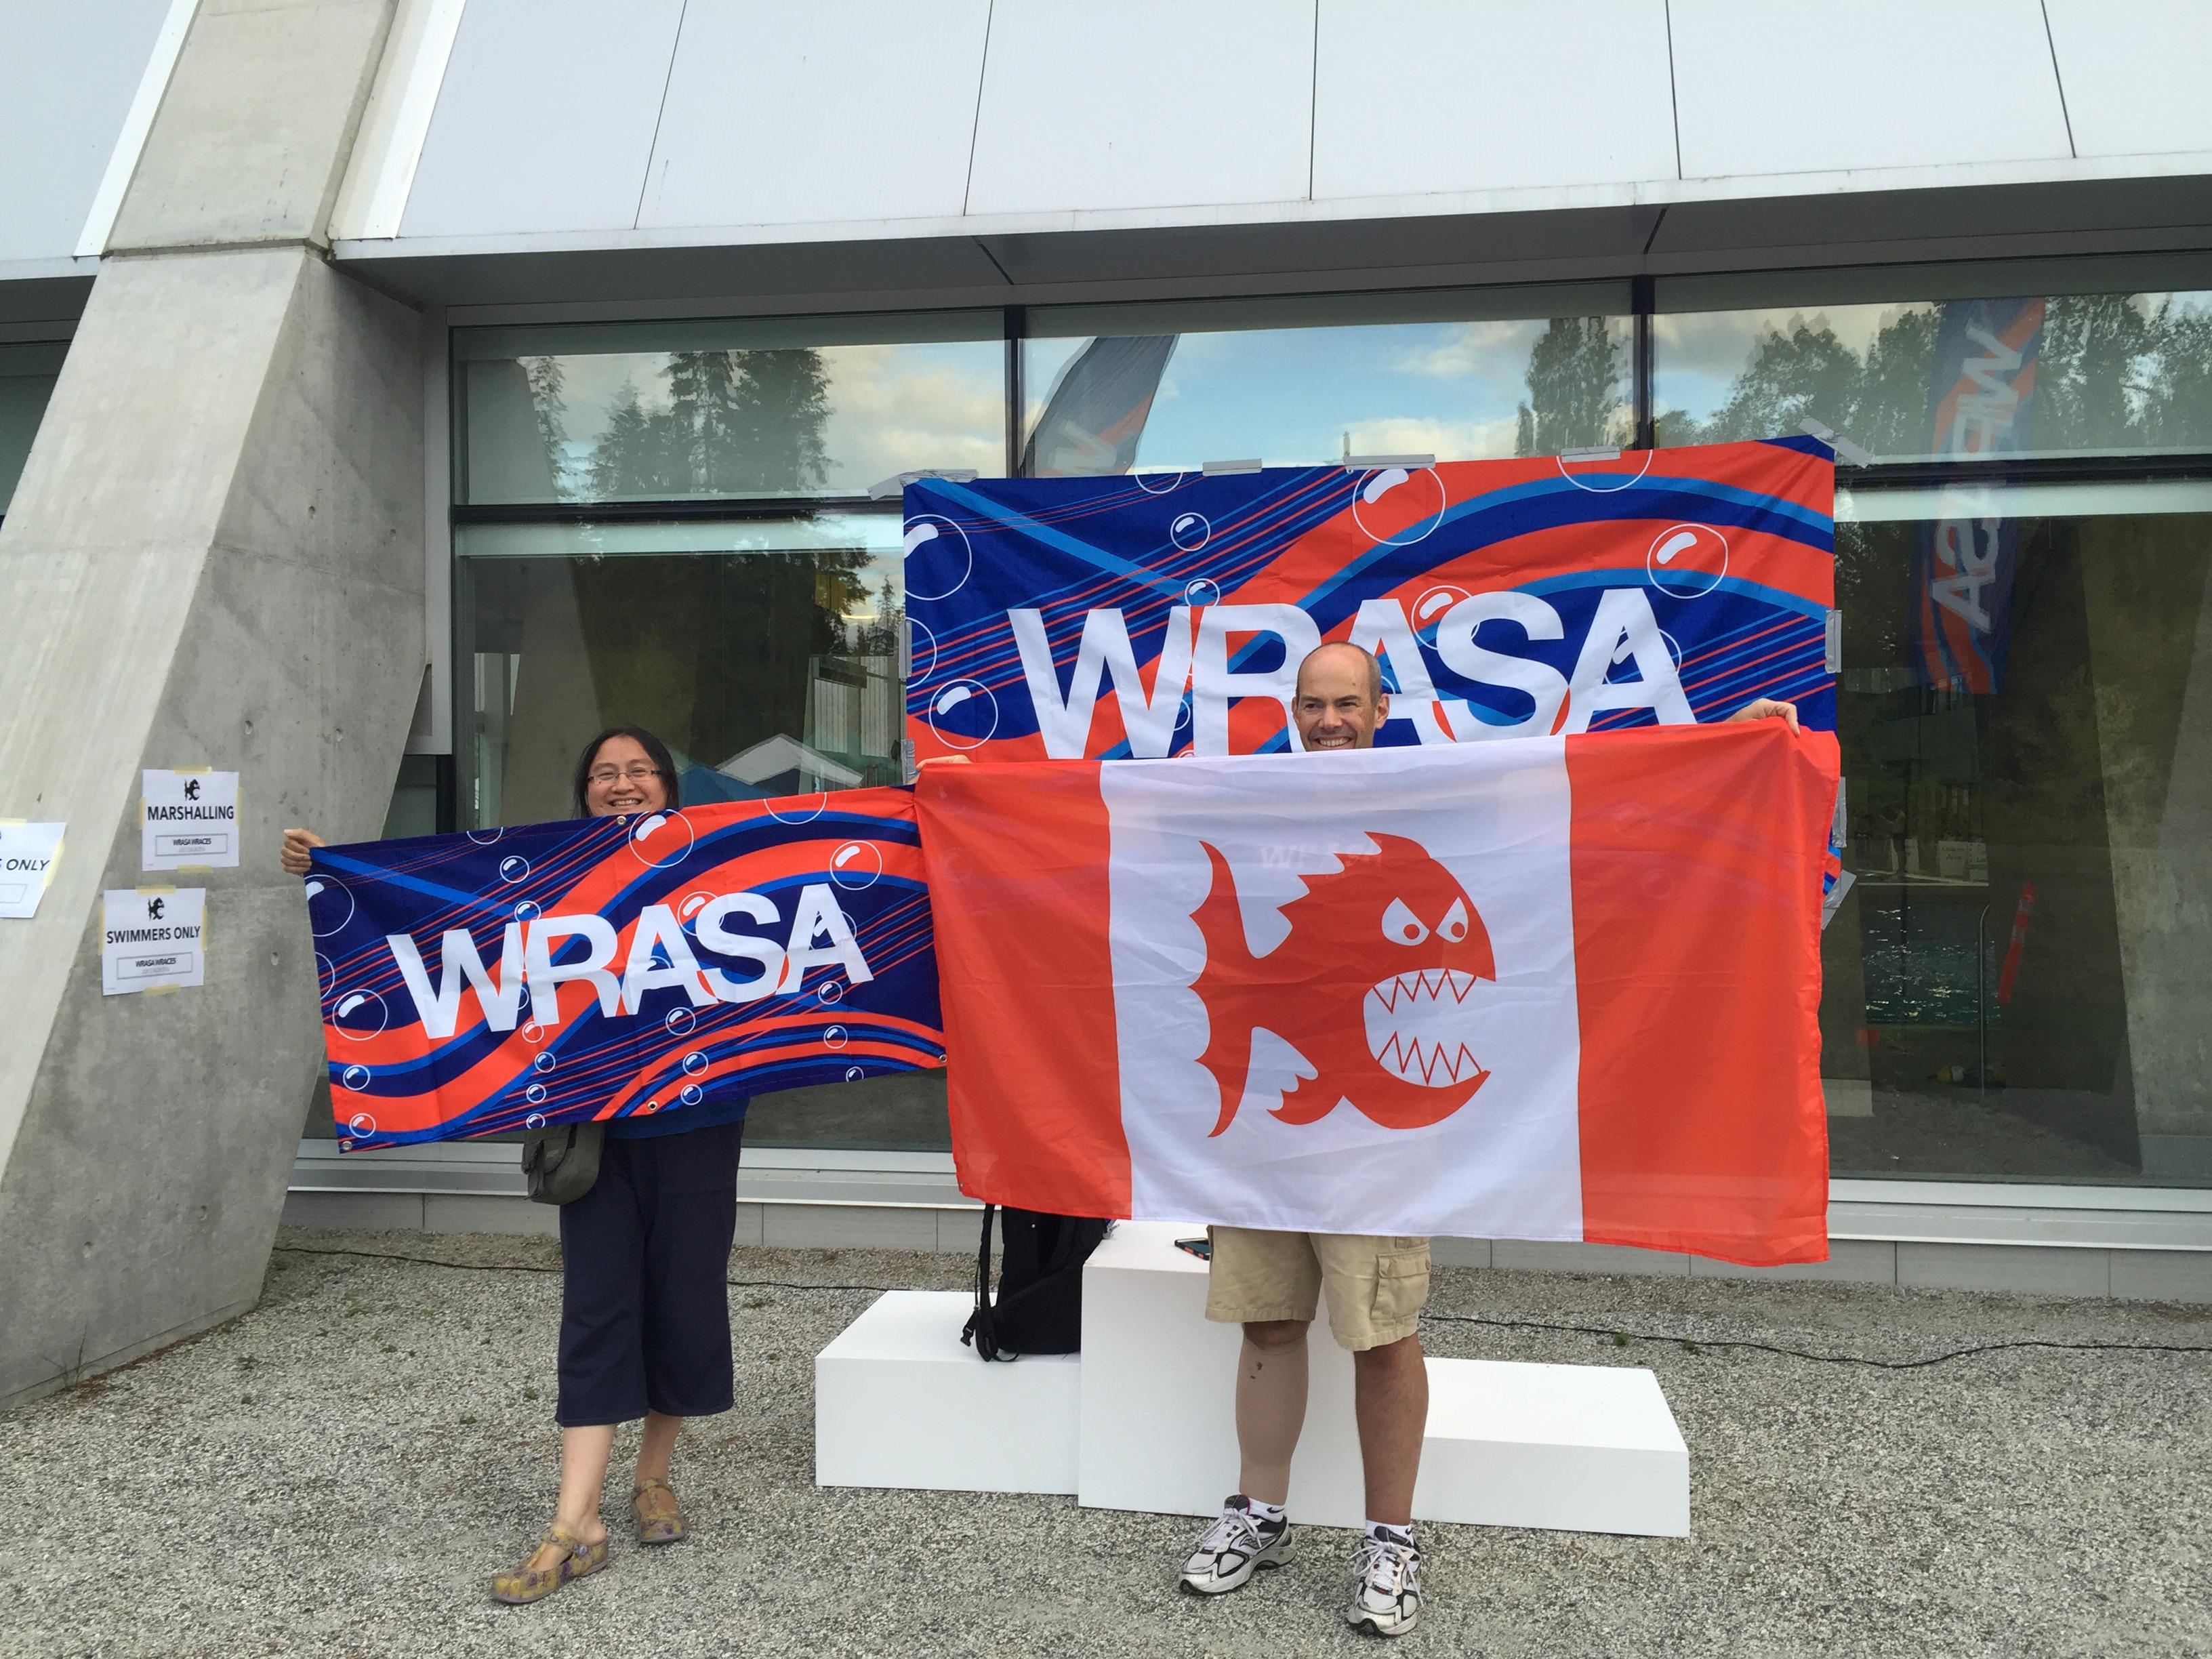 WRASA WRACES